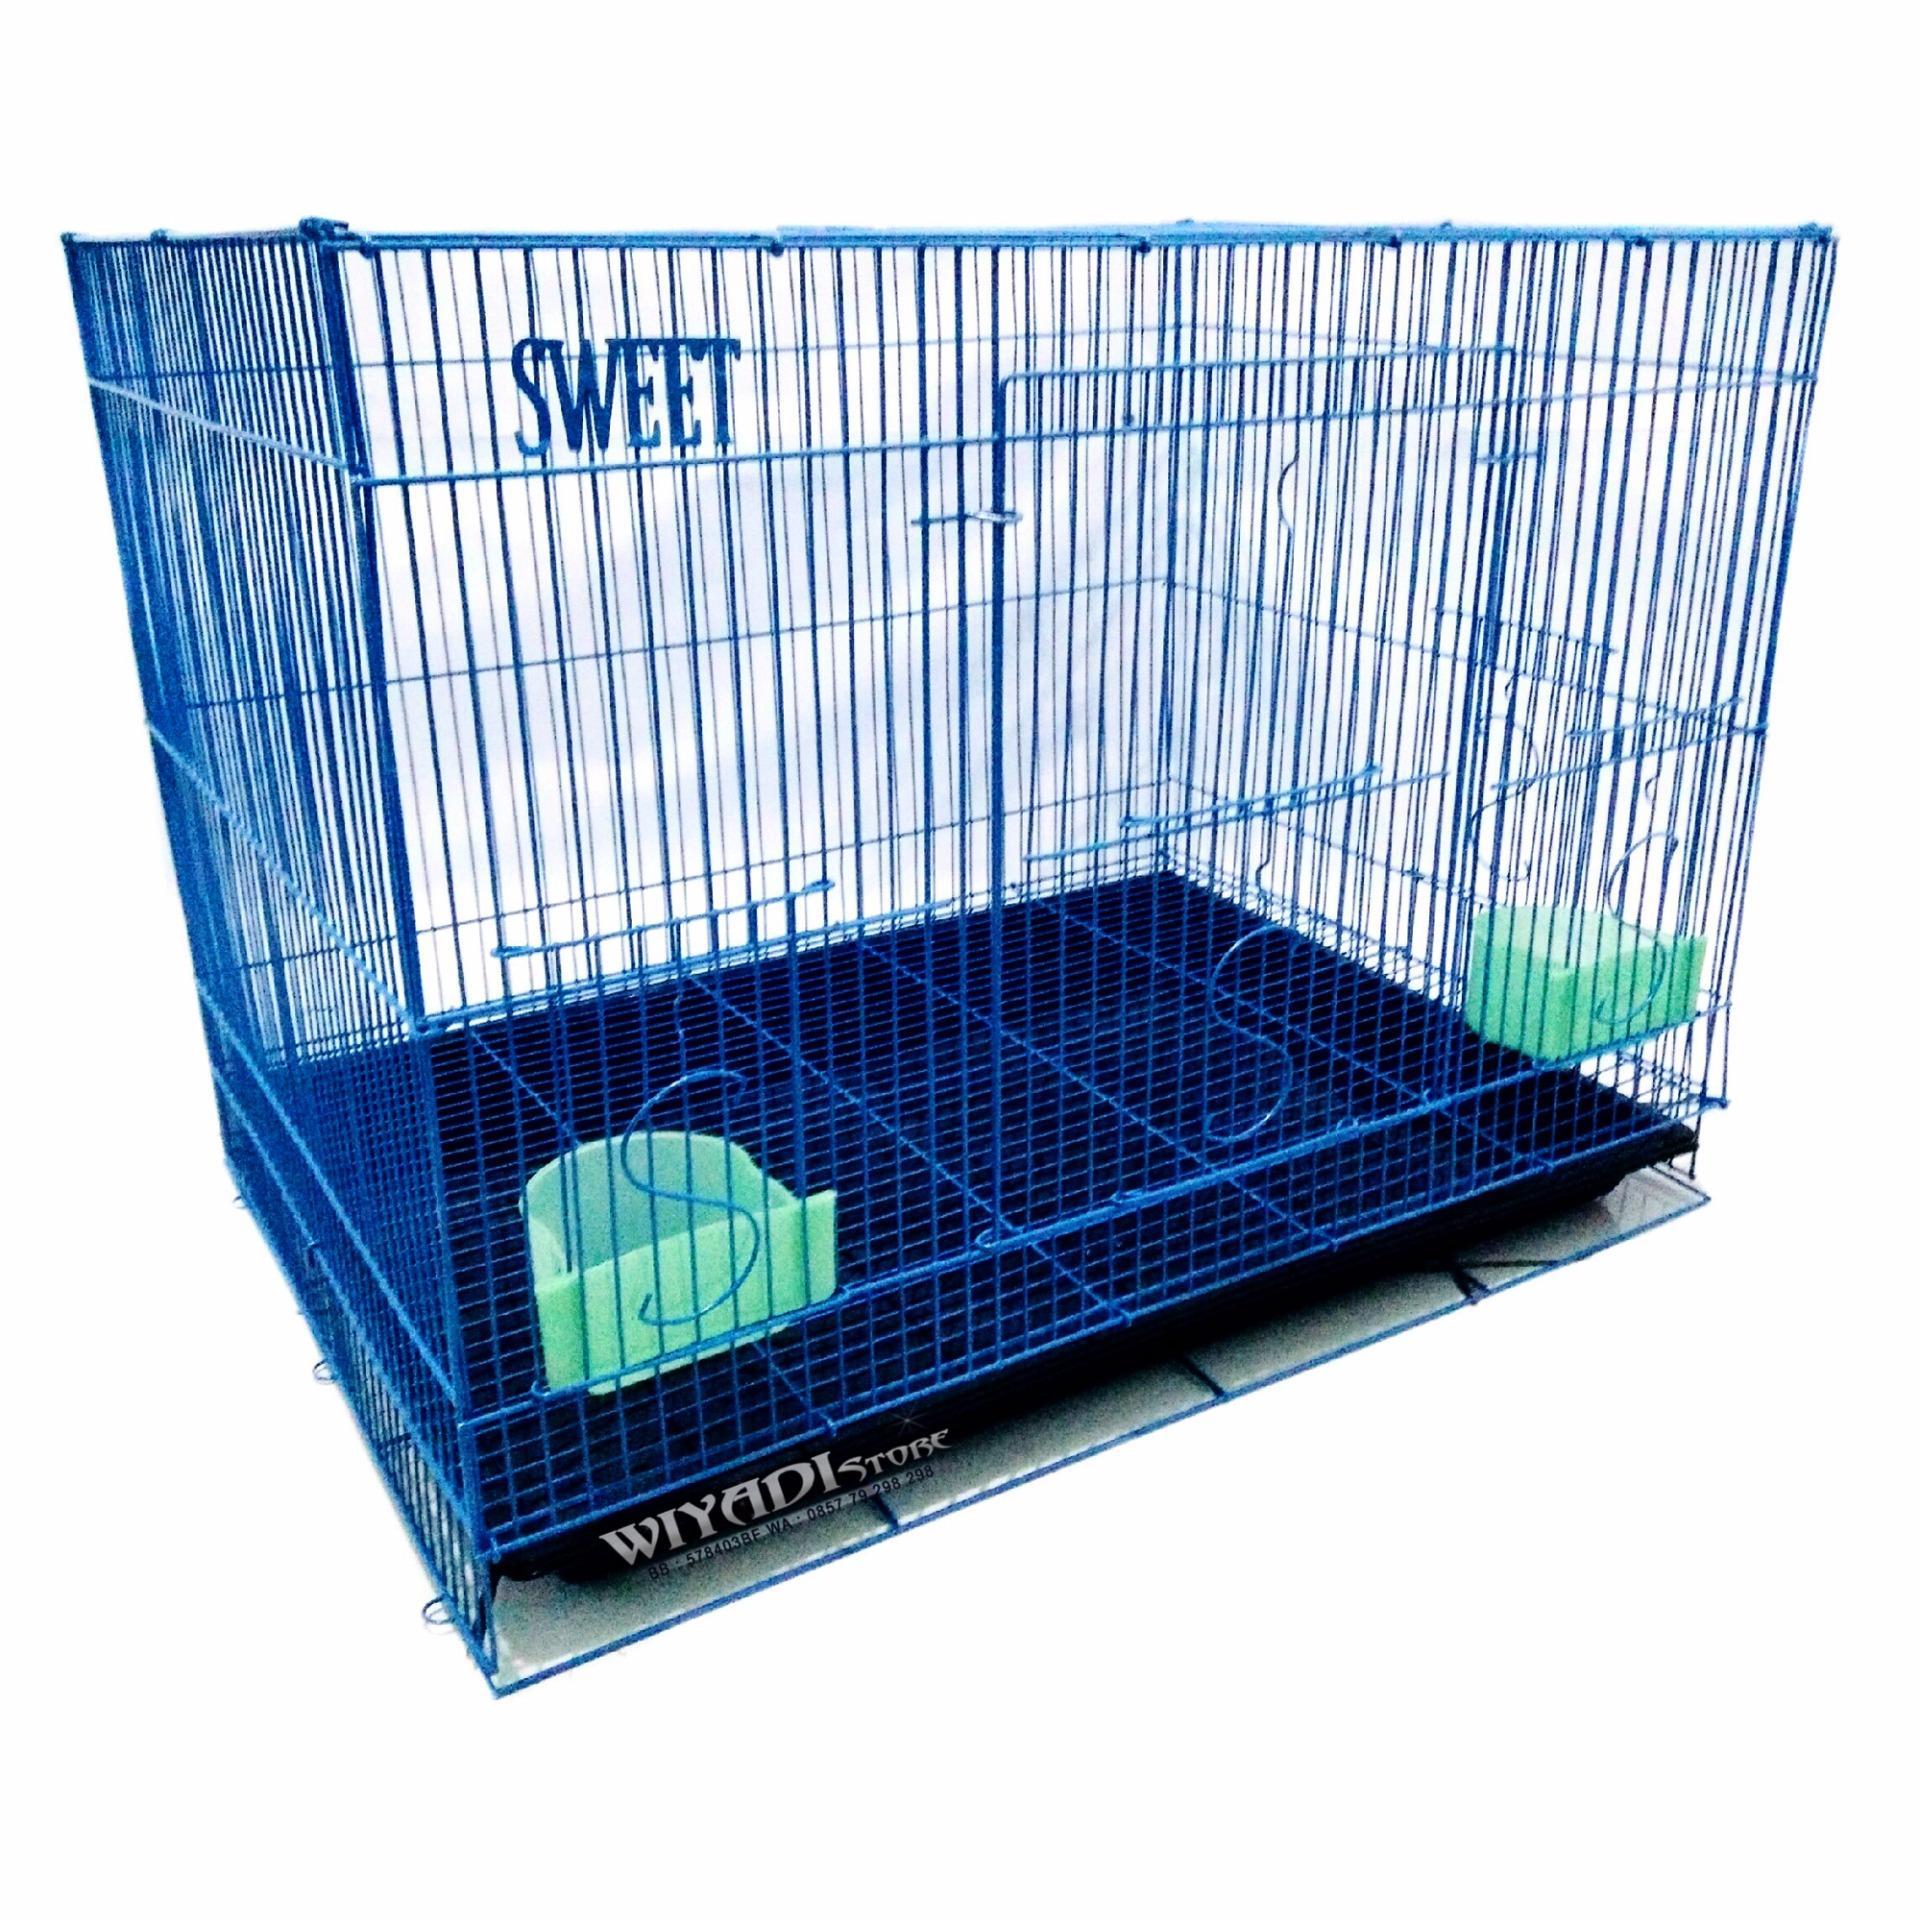 Harga Wiyadistore K12 Kandang Kucing Besi Lipat Besar 60P Biru Lengkap